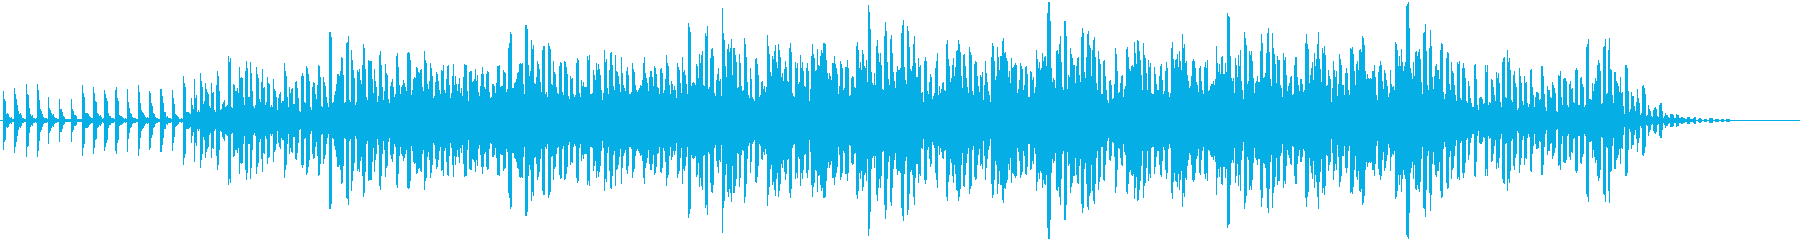 サイエンス系BGMの再生済みの波形